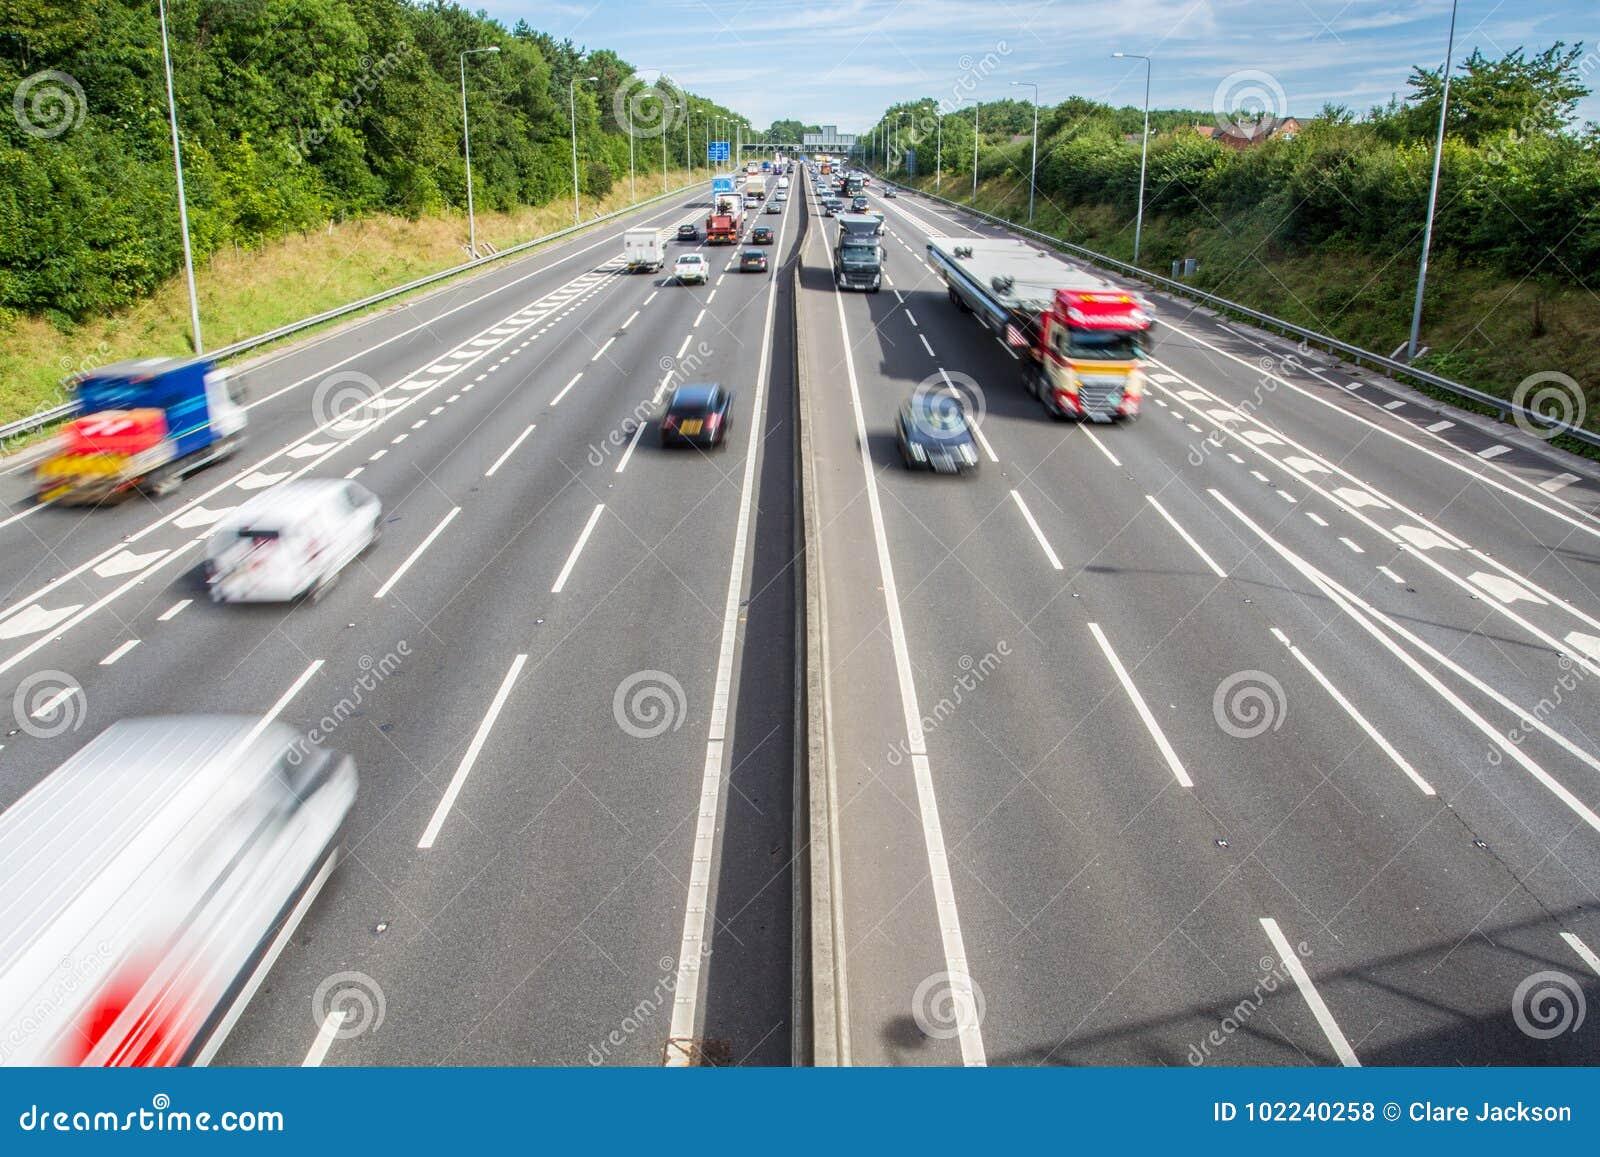 Πολυάσχολος βρετανικός αυτοκινητόδρομος